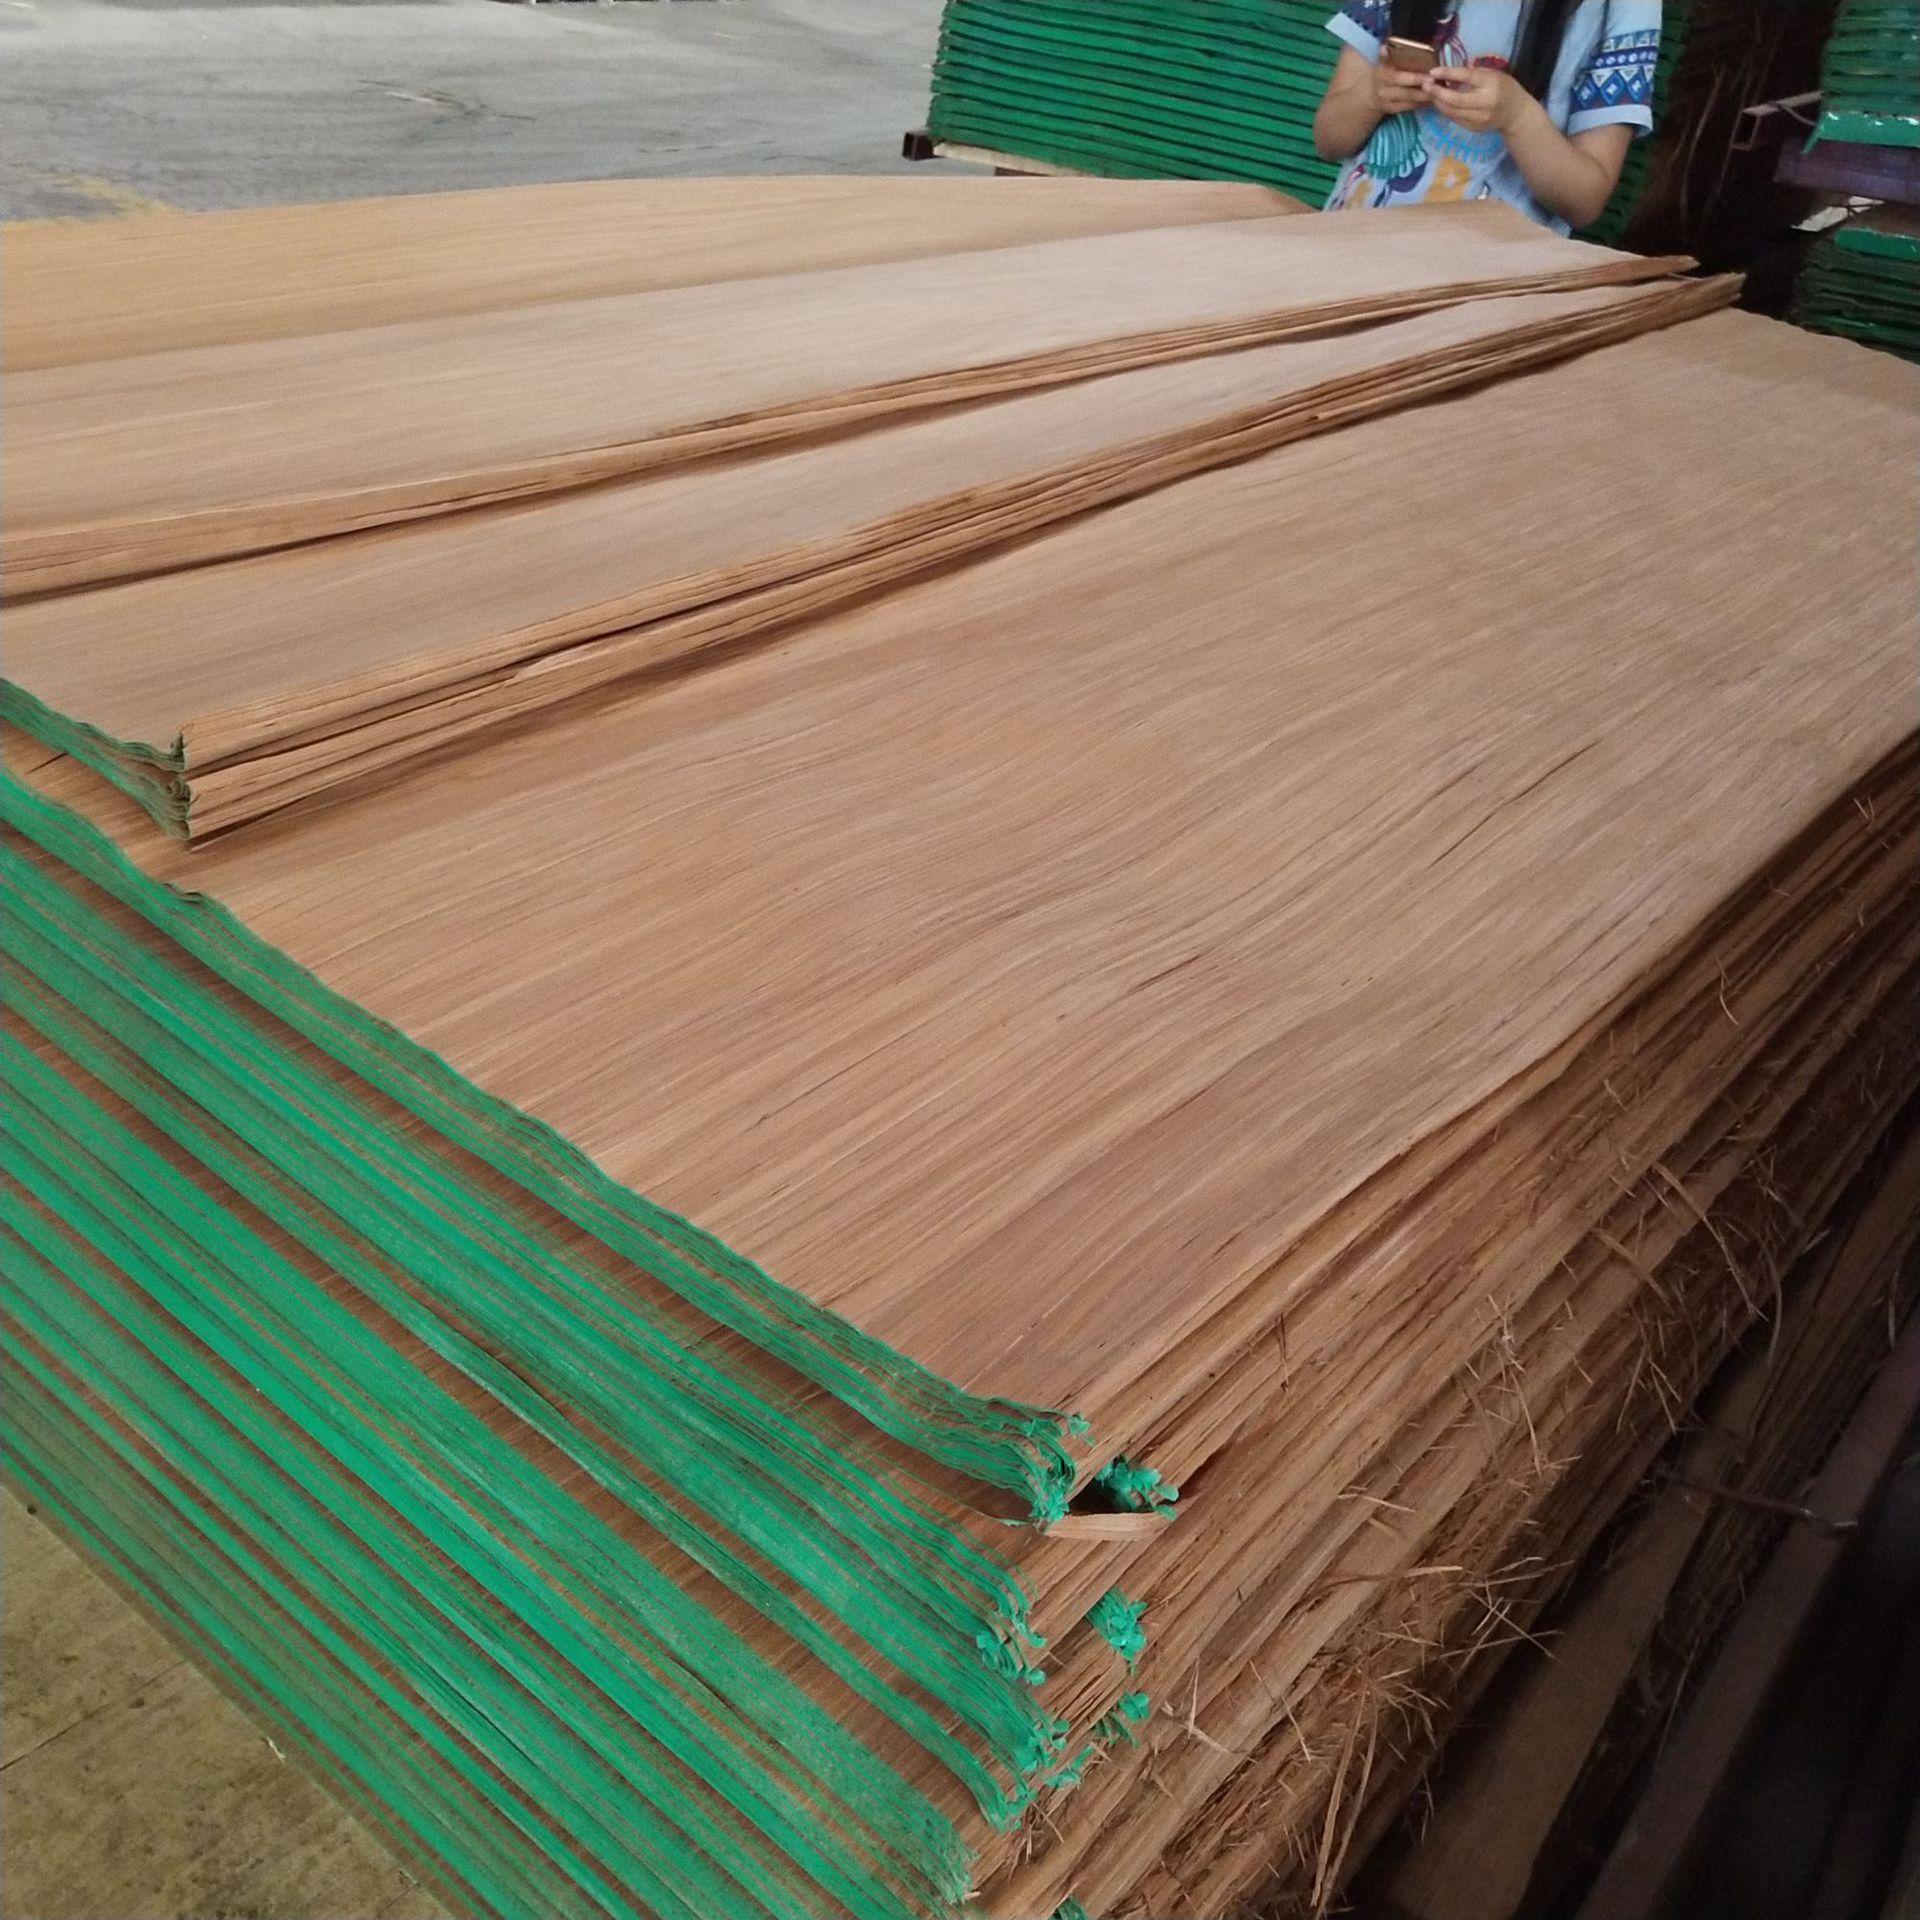 专业生产各种科技木皮木方木线条天然克隆木皮PLB等厂家直销